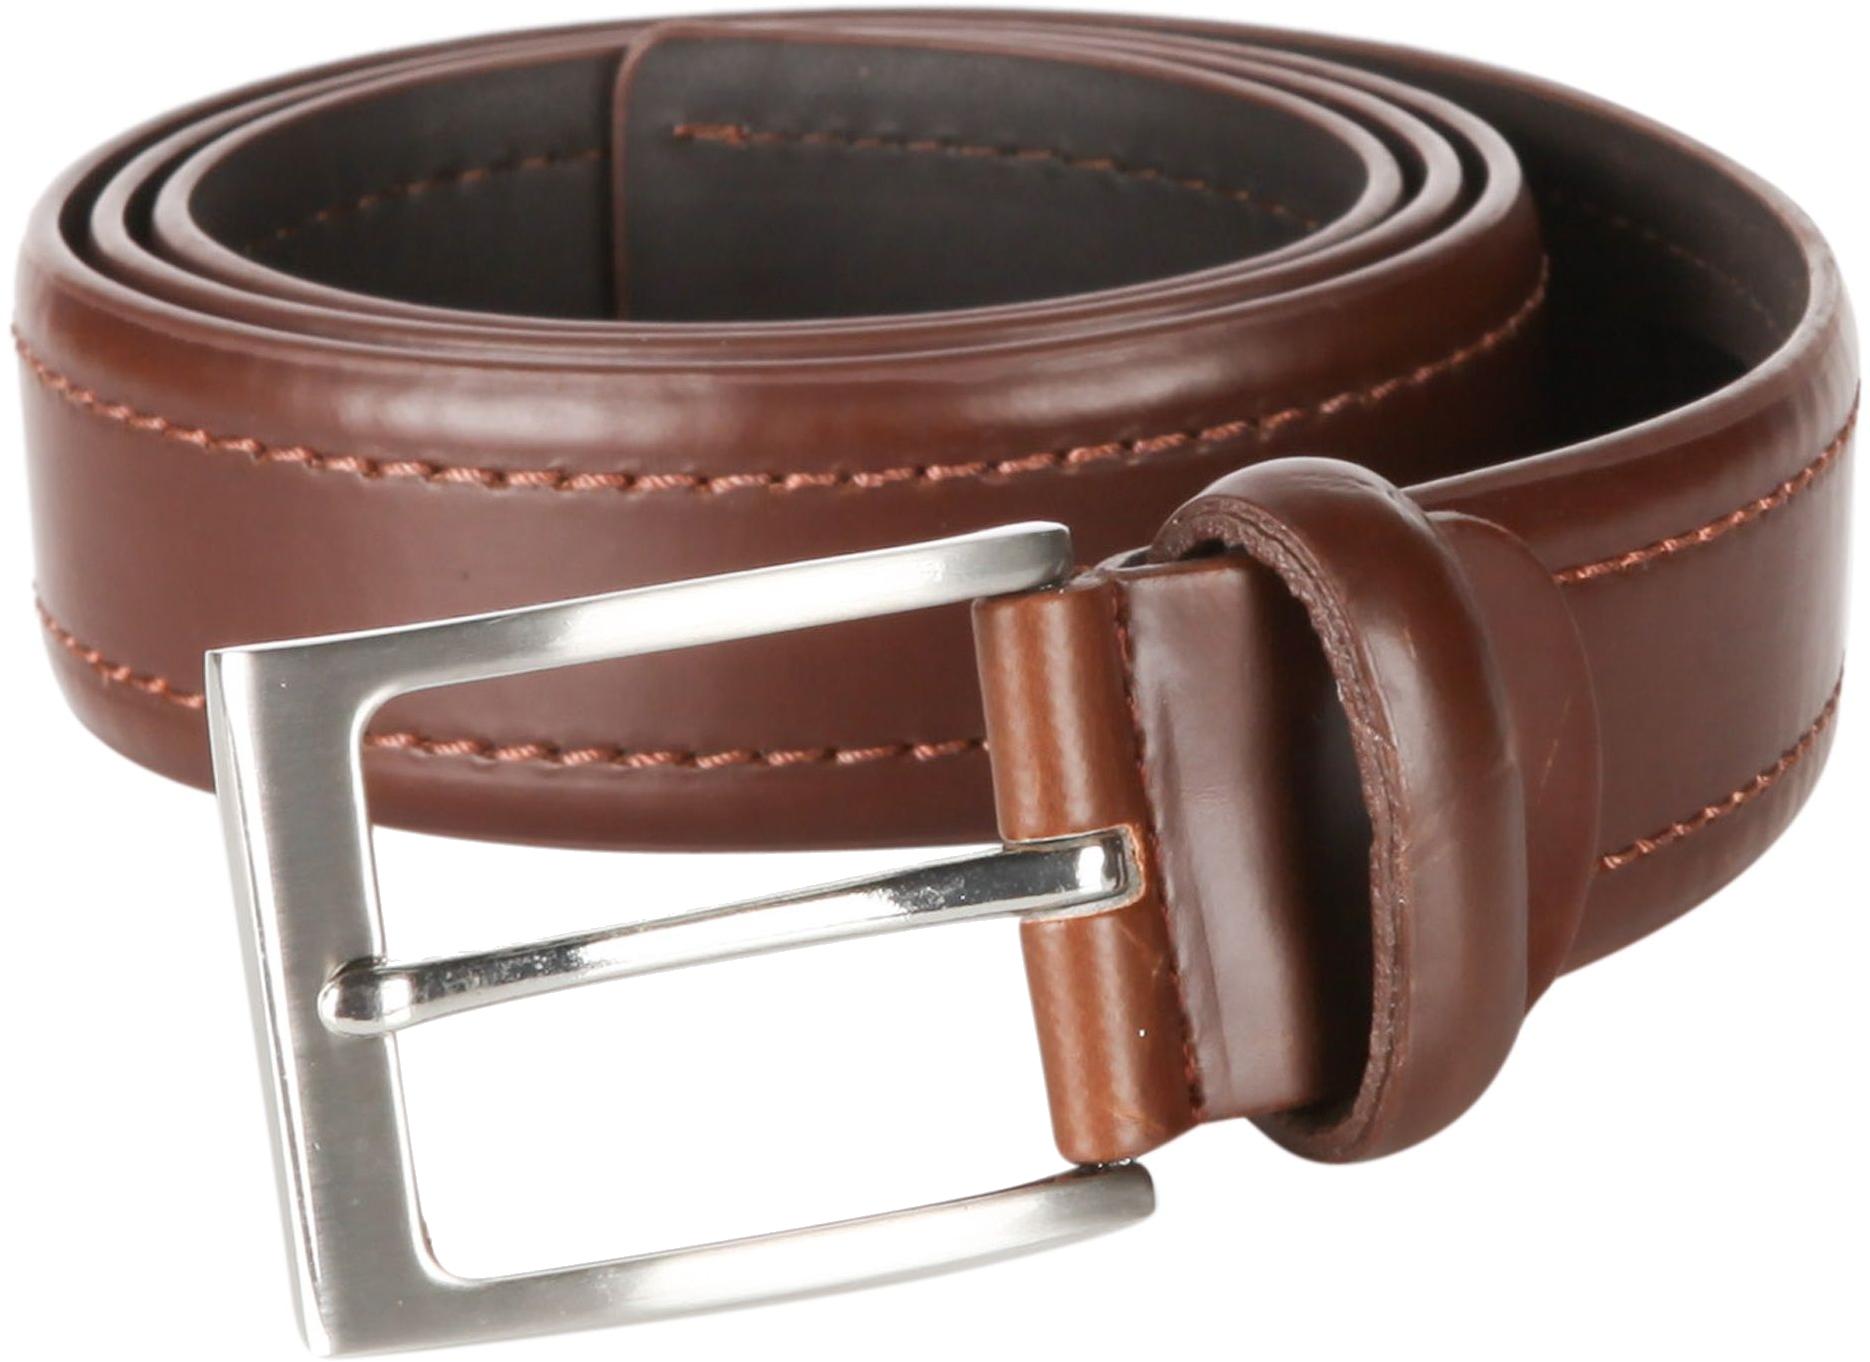 Belt clipart transparent background. Png image